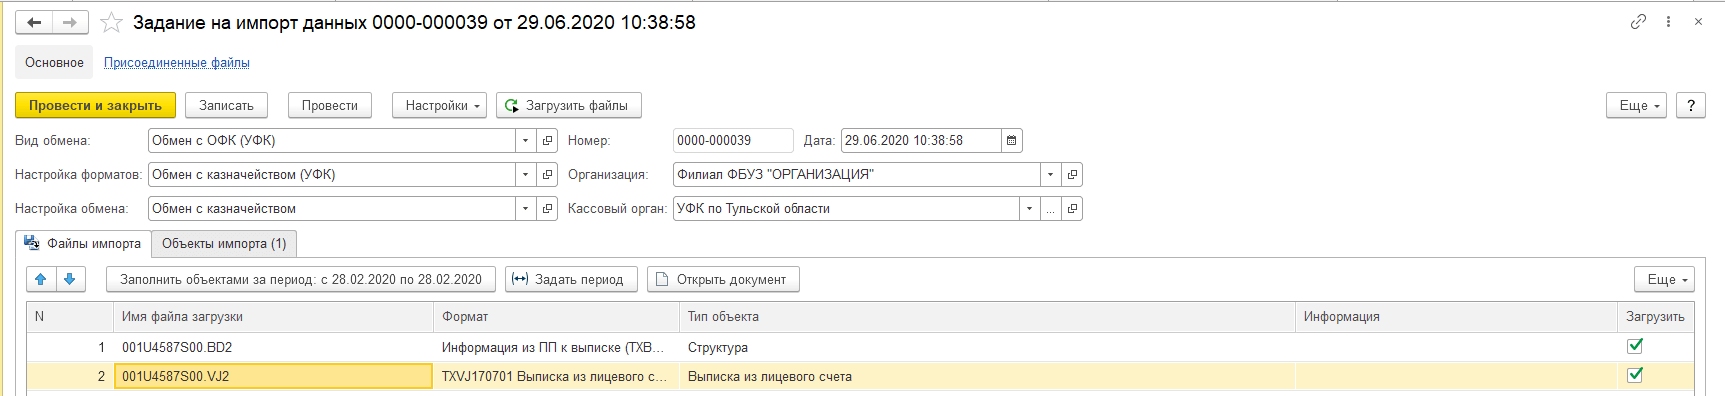 загружаем файлы в СУФД 1с